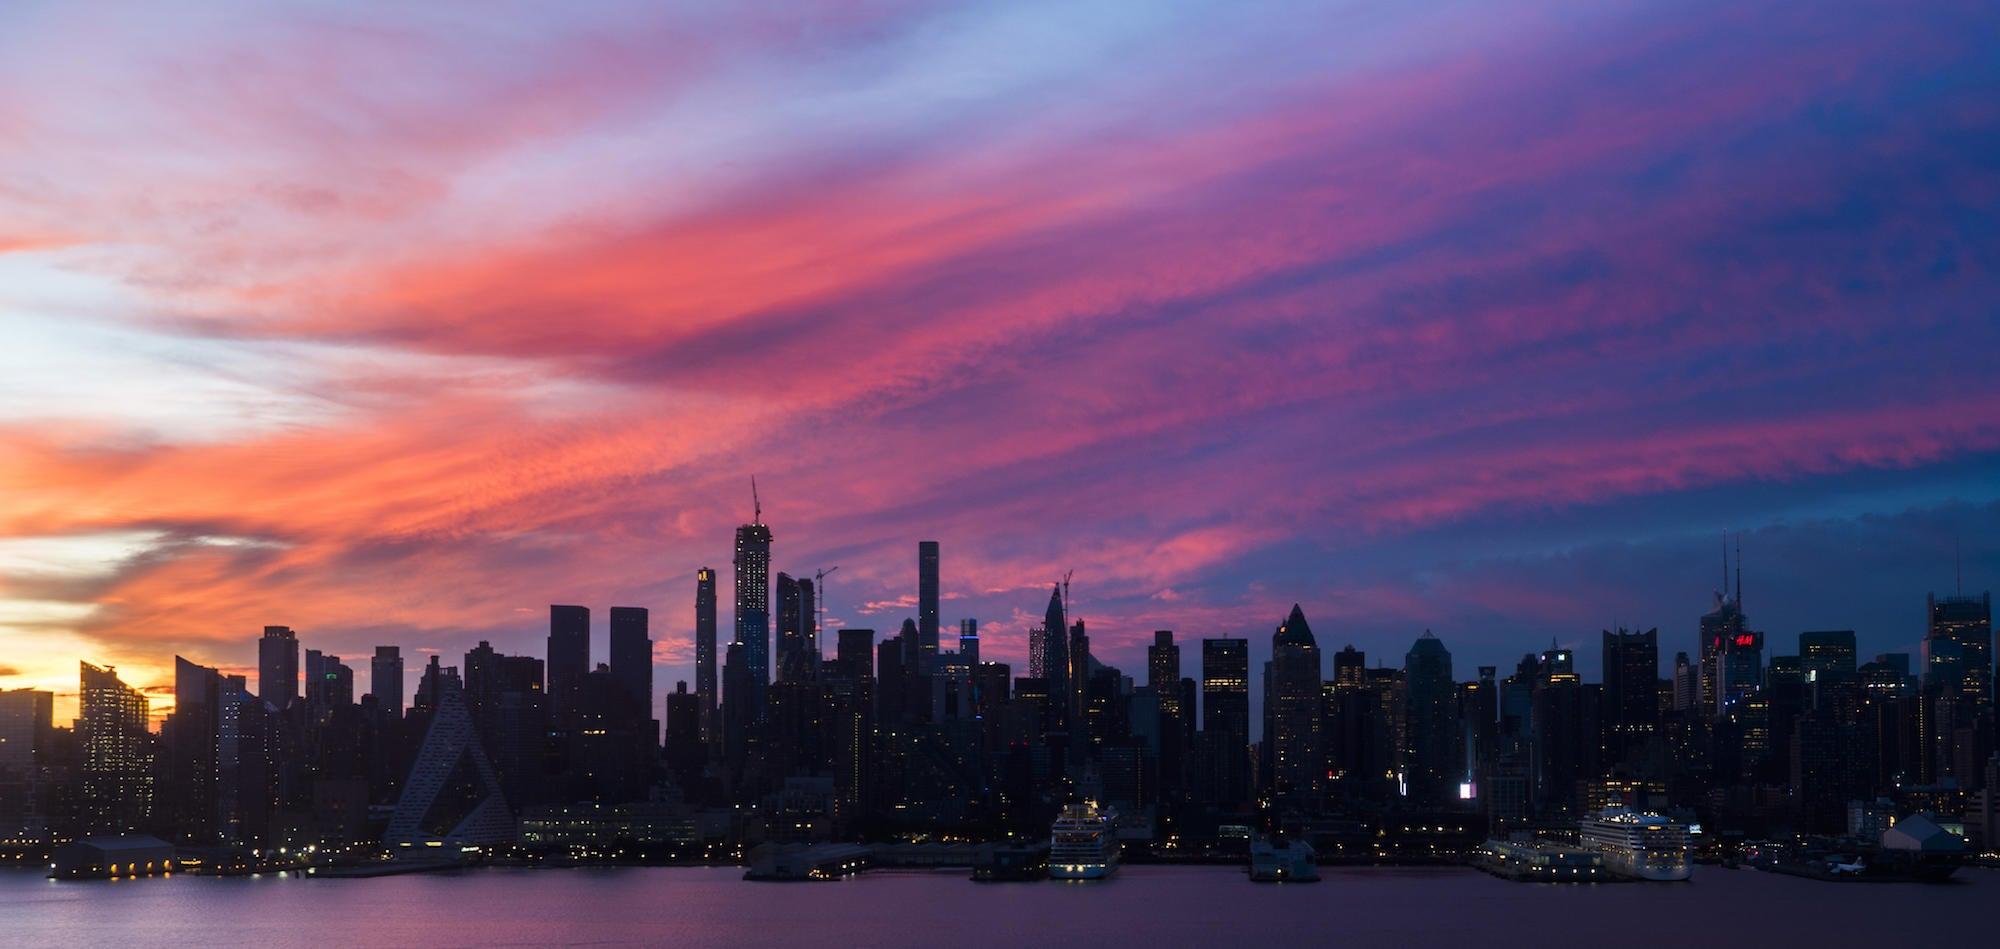 Cómo un fotógrafo está capturando un timelapse de 30 años de la ciudad de Nueva York